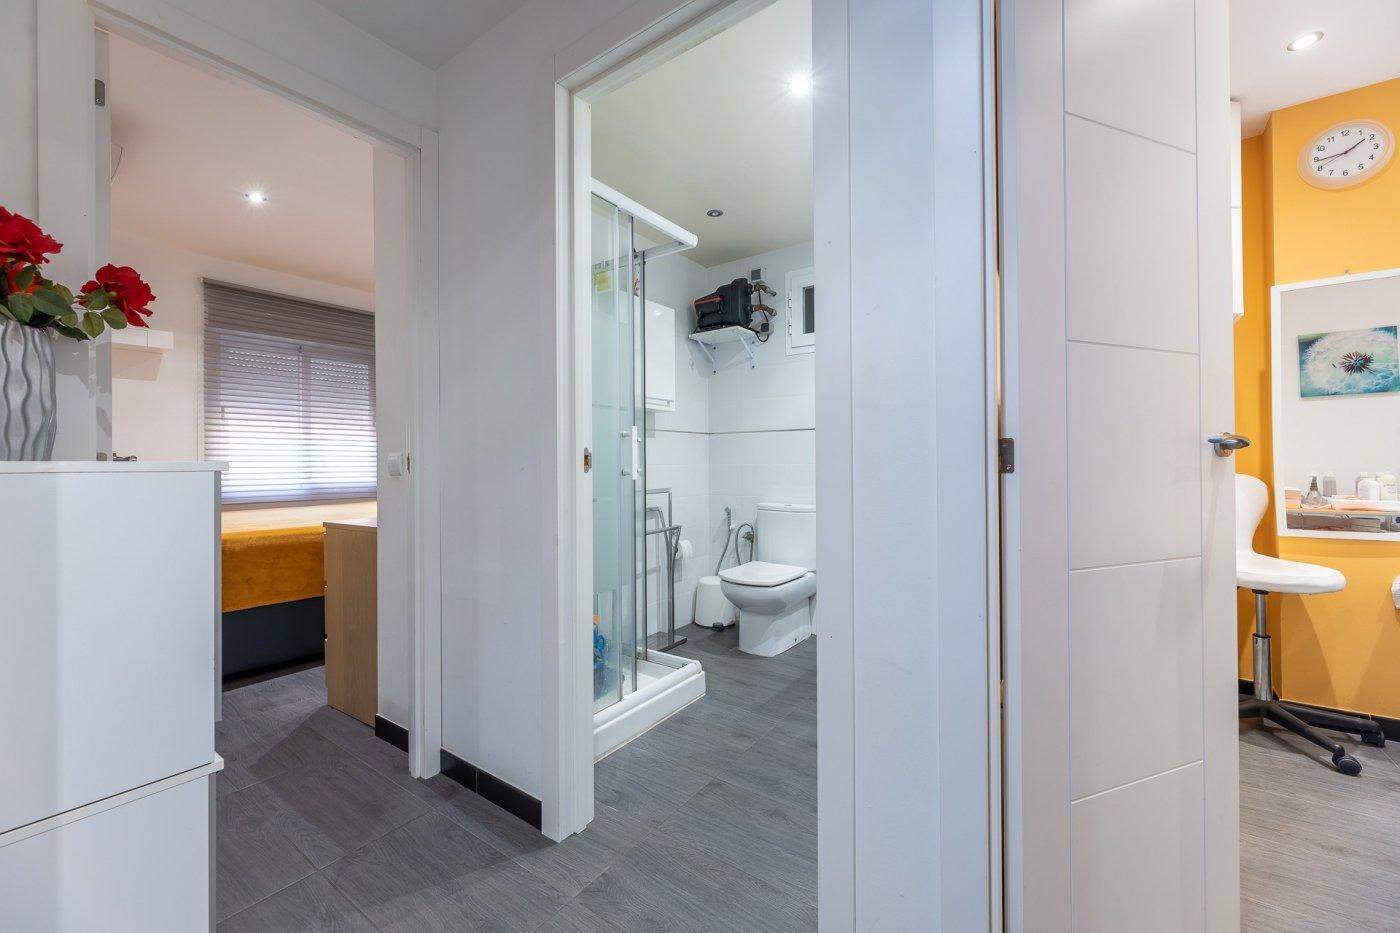 Precioso piso reformado en zona paseo marítimo - imagenInmueble6